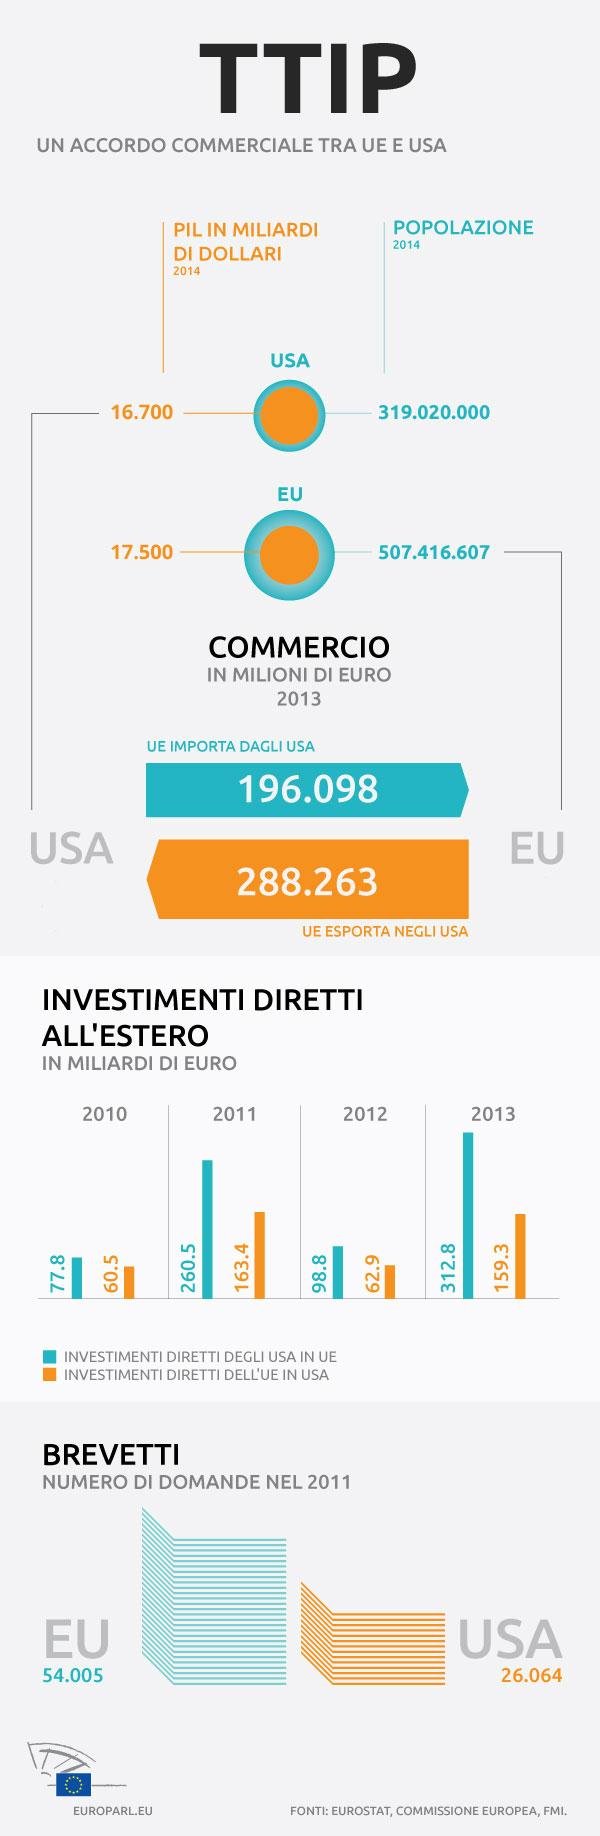 Infografica europarl.eu